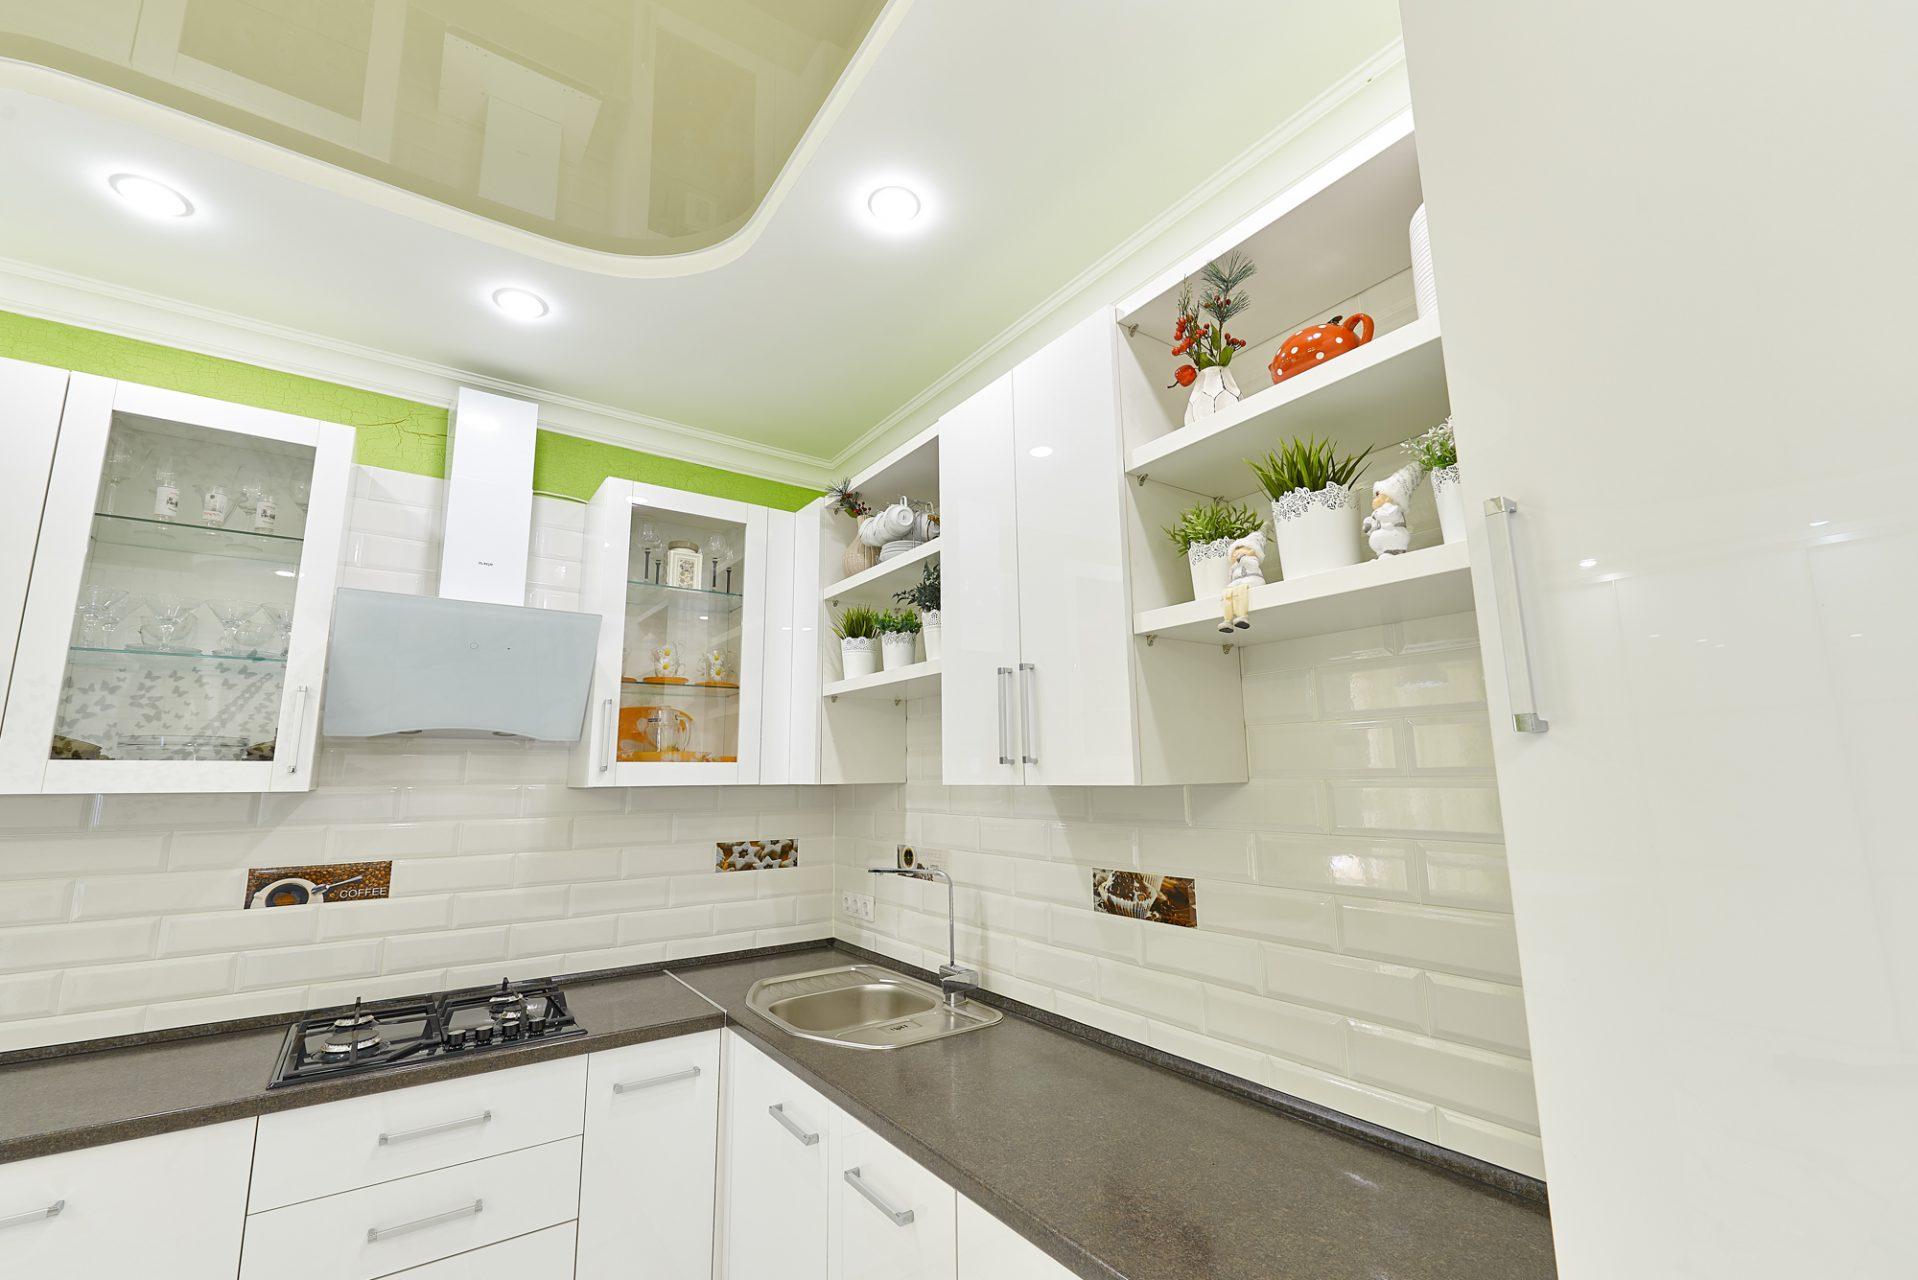 012_interior_kitchen1_korneychikeu